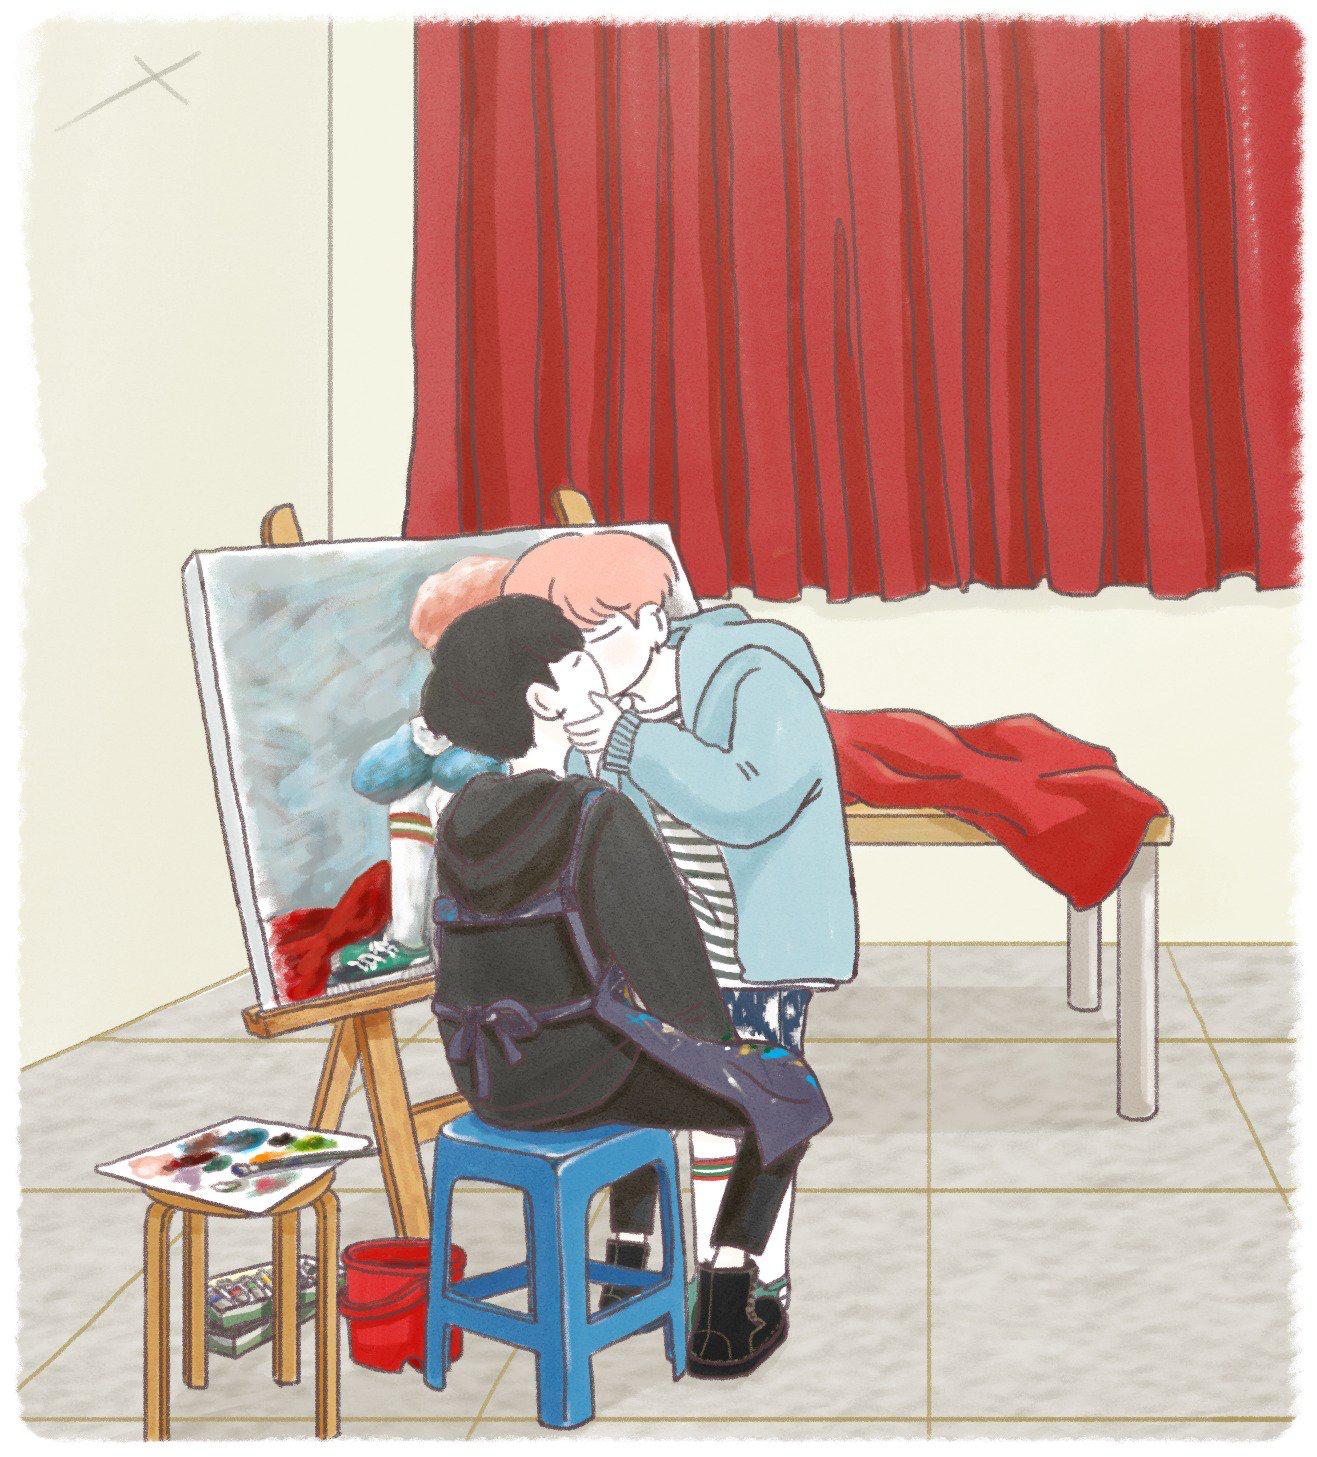 Yoonmin fan art 👌🏼👌🏼😭😭❤️❤️💕💕